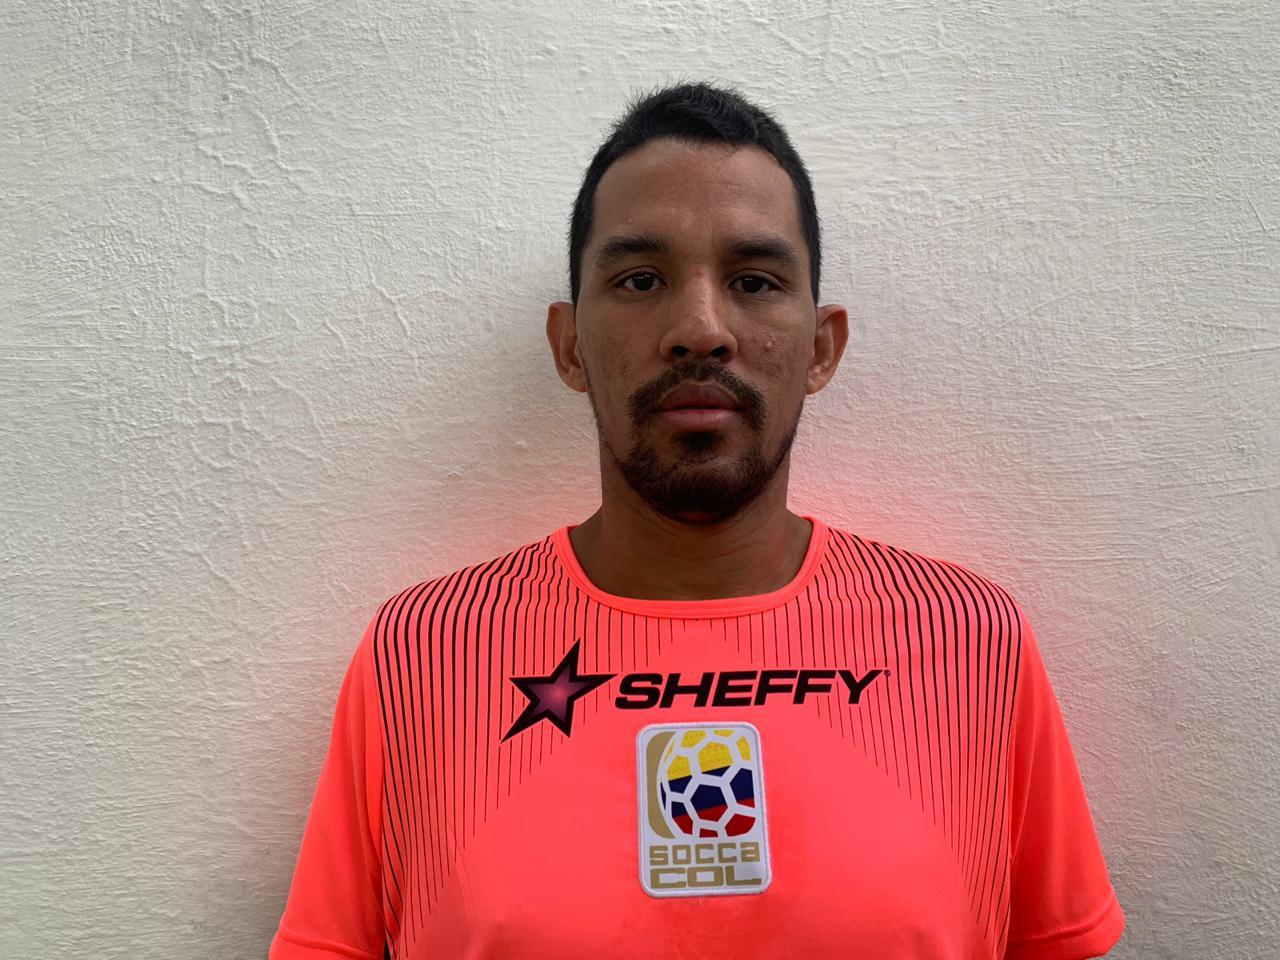 Kevin Esteban Sanchez Abdala